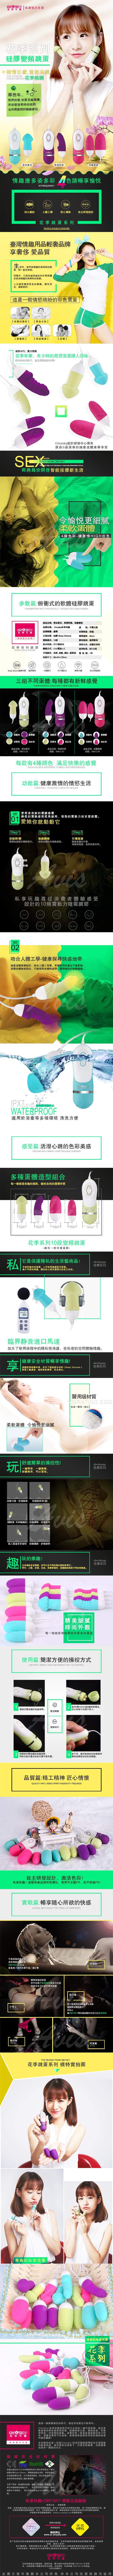 香港OmySky 珠簾蜜語 10段變頻花季系列矽膠防水雙跳蛋 玫紫